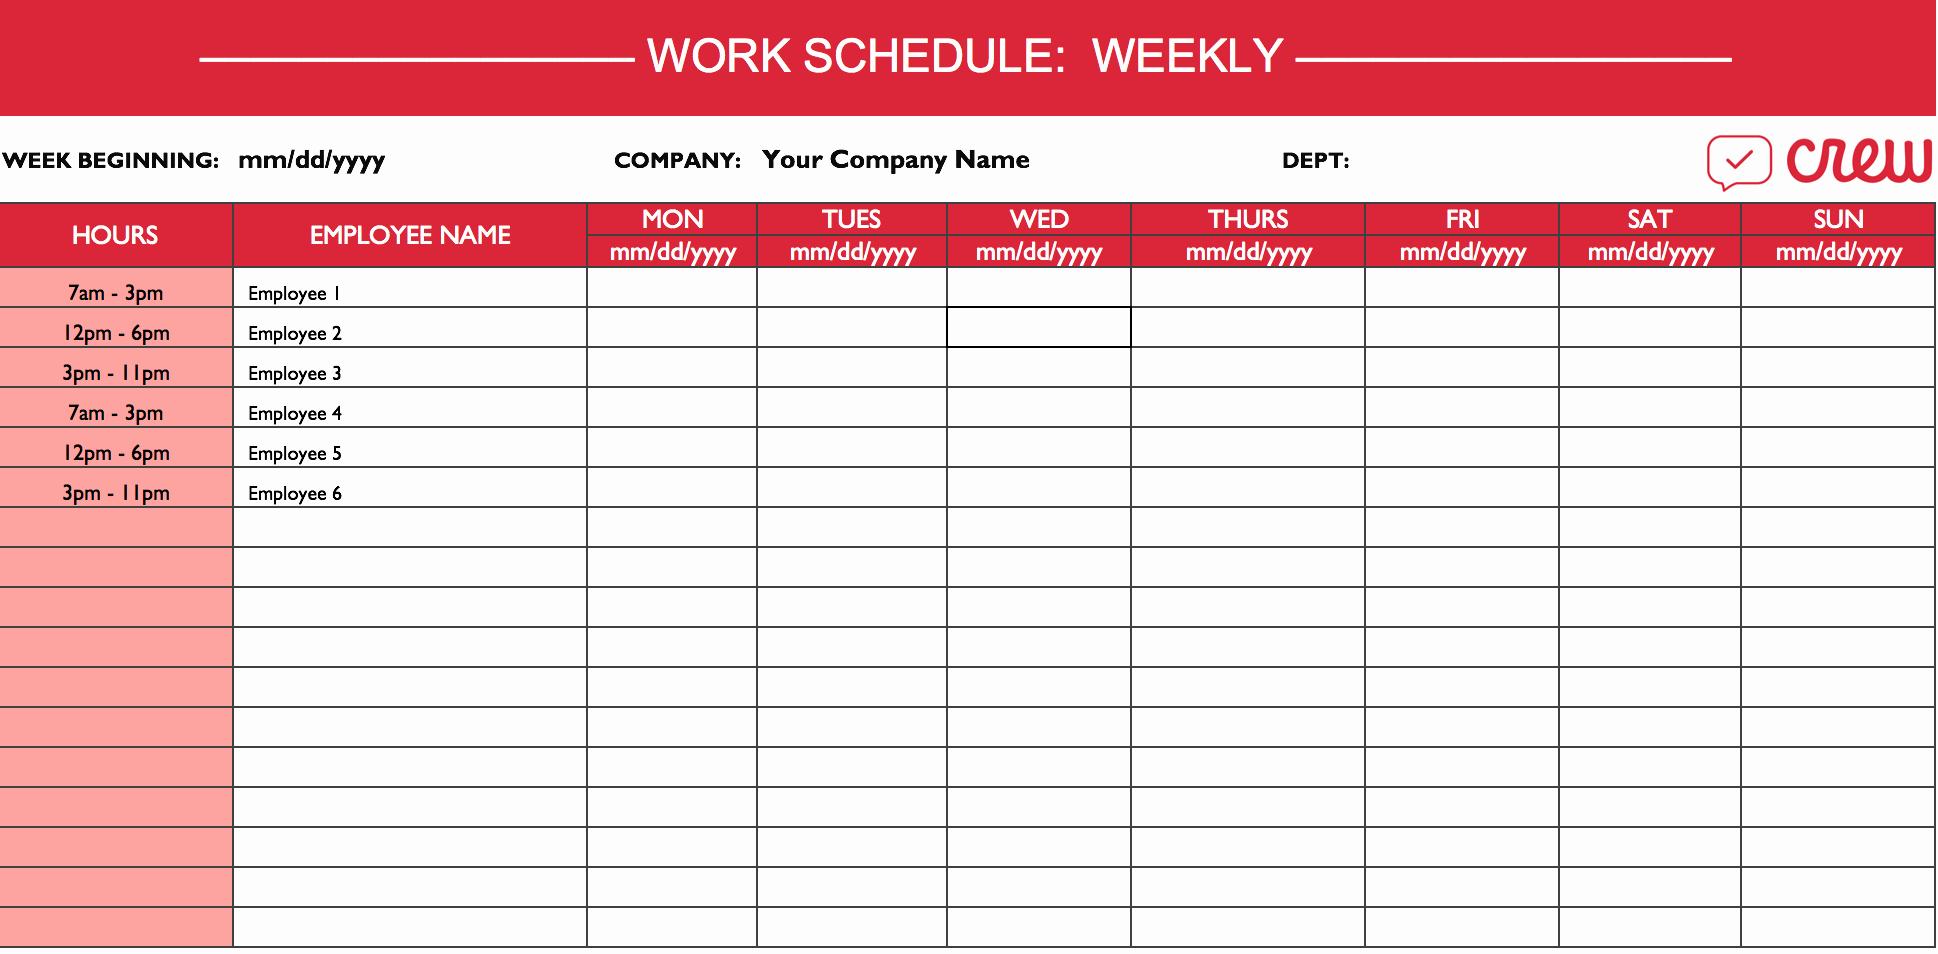 Work Schedule Template Excel New Weekly Work Schedule Template I Crew